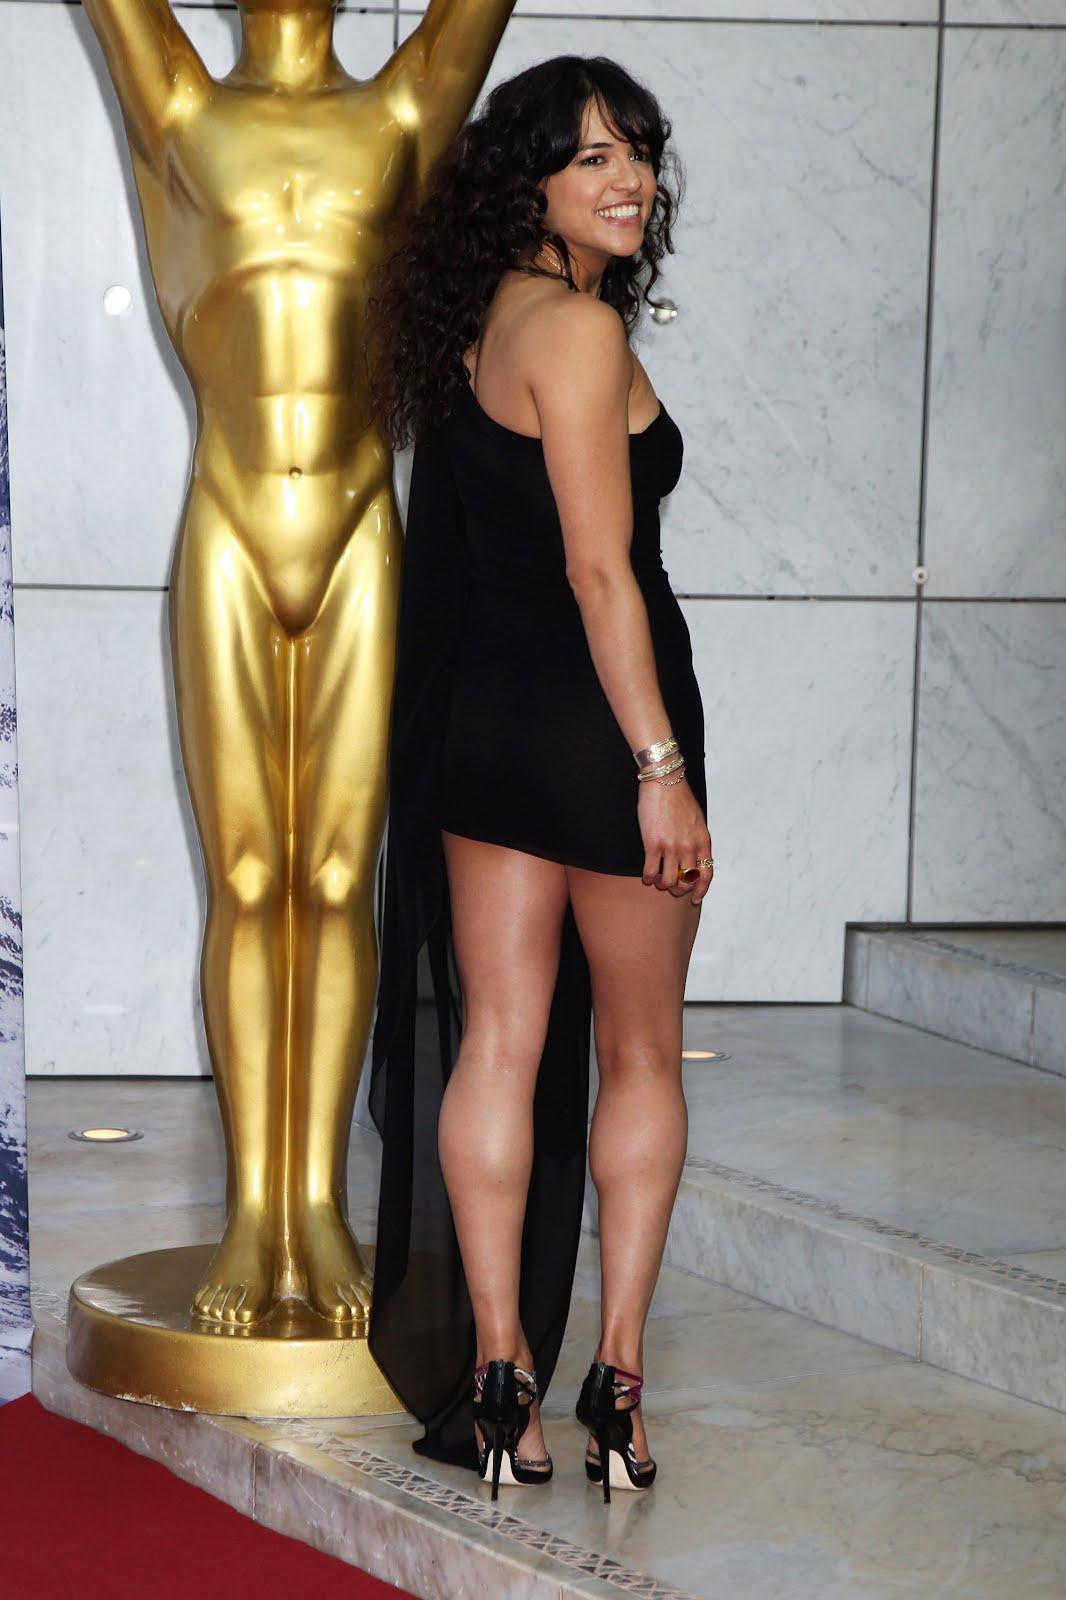 http://3.bp.blogspot.com/-V_zM0vn2ToI/T1yqCbO36BI/AAAAAAAAAm0/MgLwCKZrUCg/s1600/MichelleryWMA.jpg